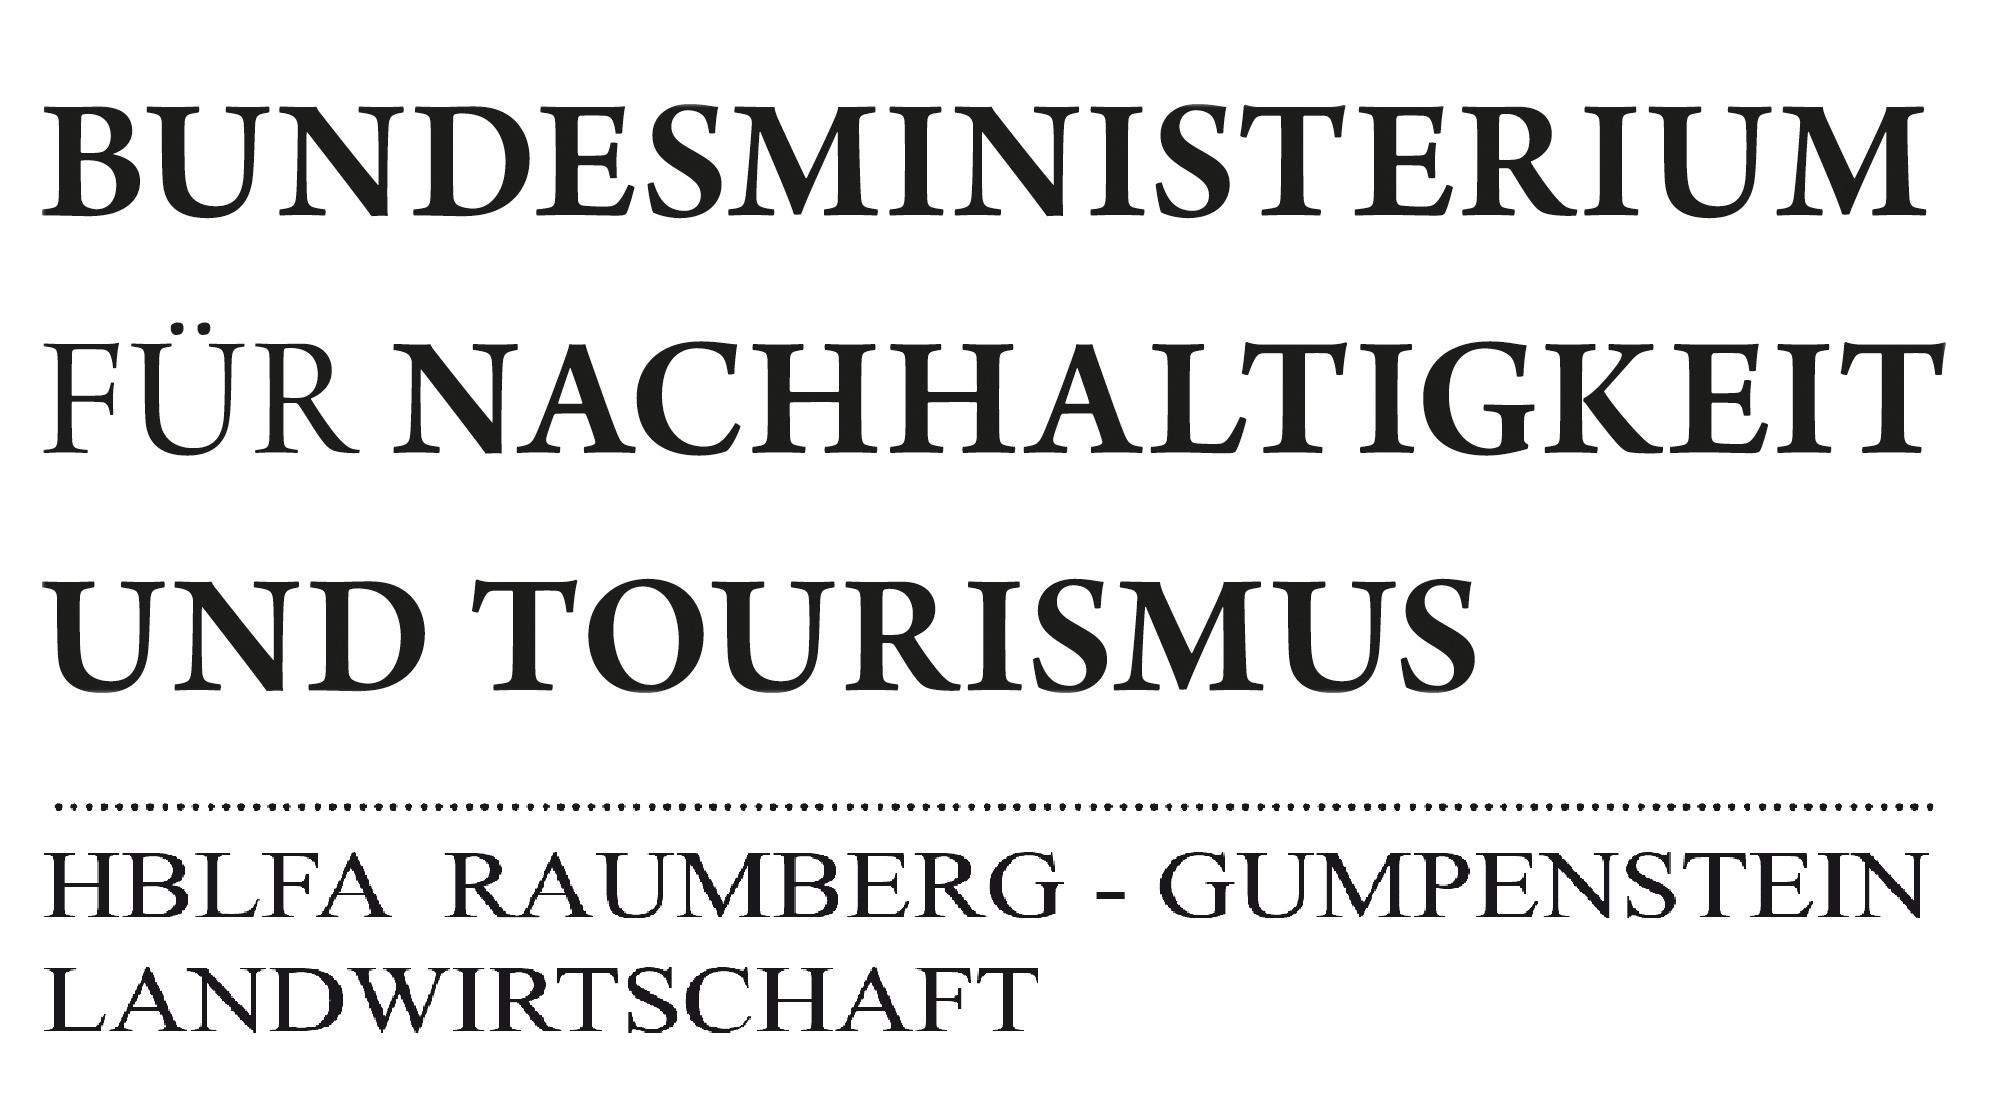 pL Raumberg-Gumpenstein.jpg